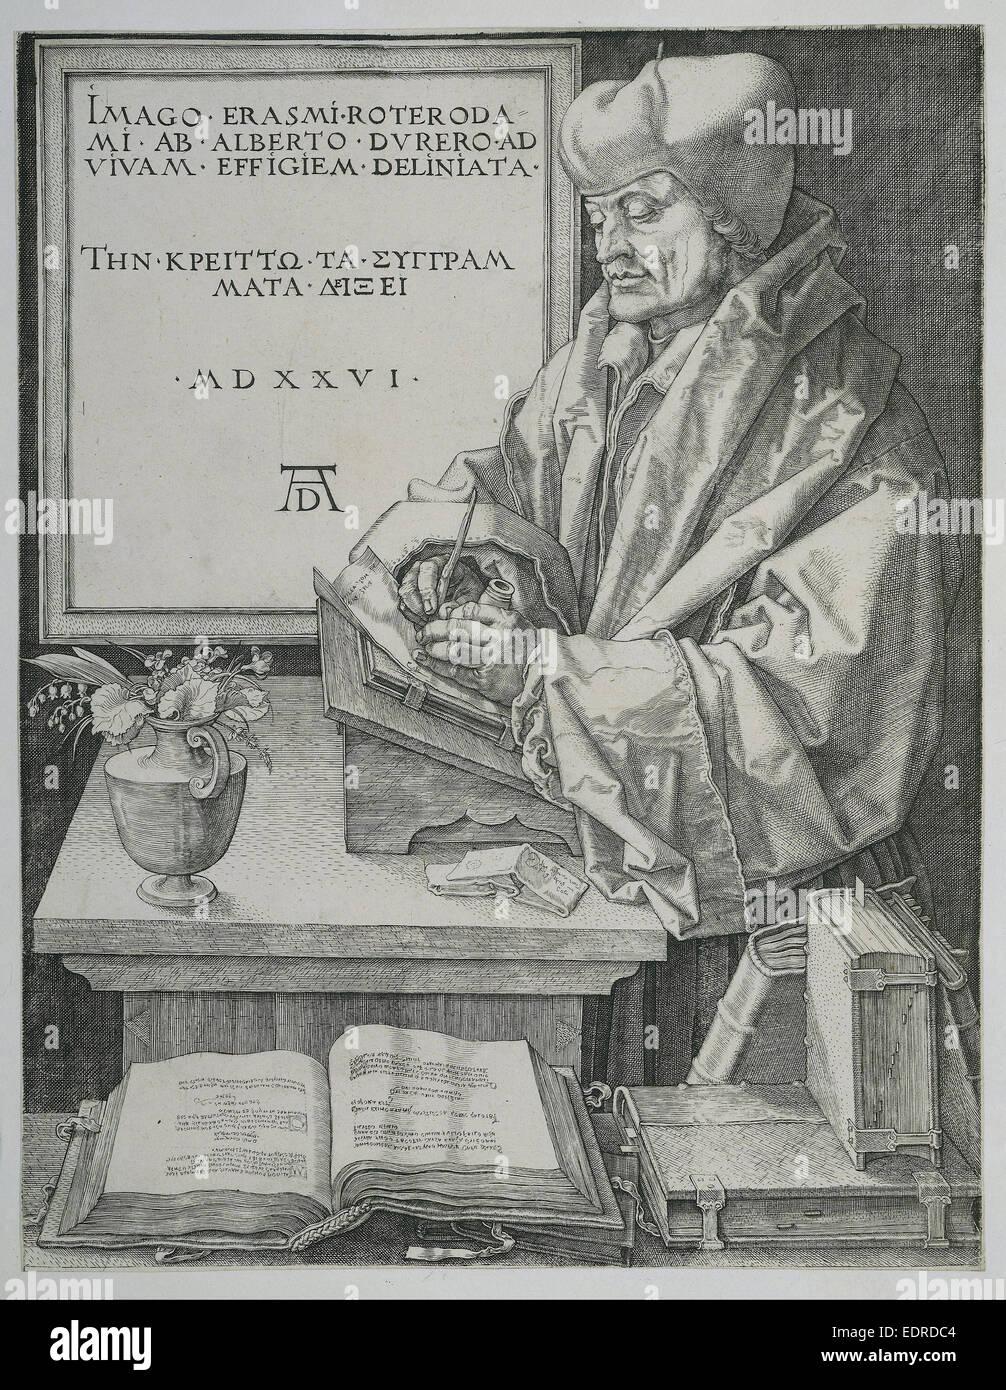 Porträt des Erasmus-Programms, Albrecht Dürer, 1526 Stockbild